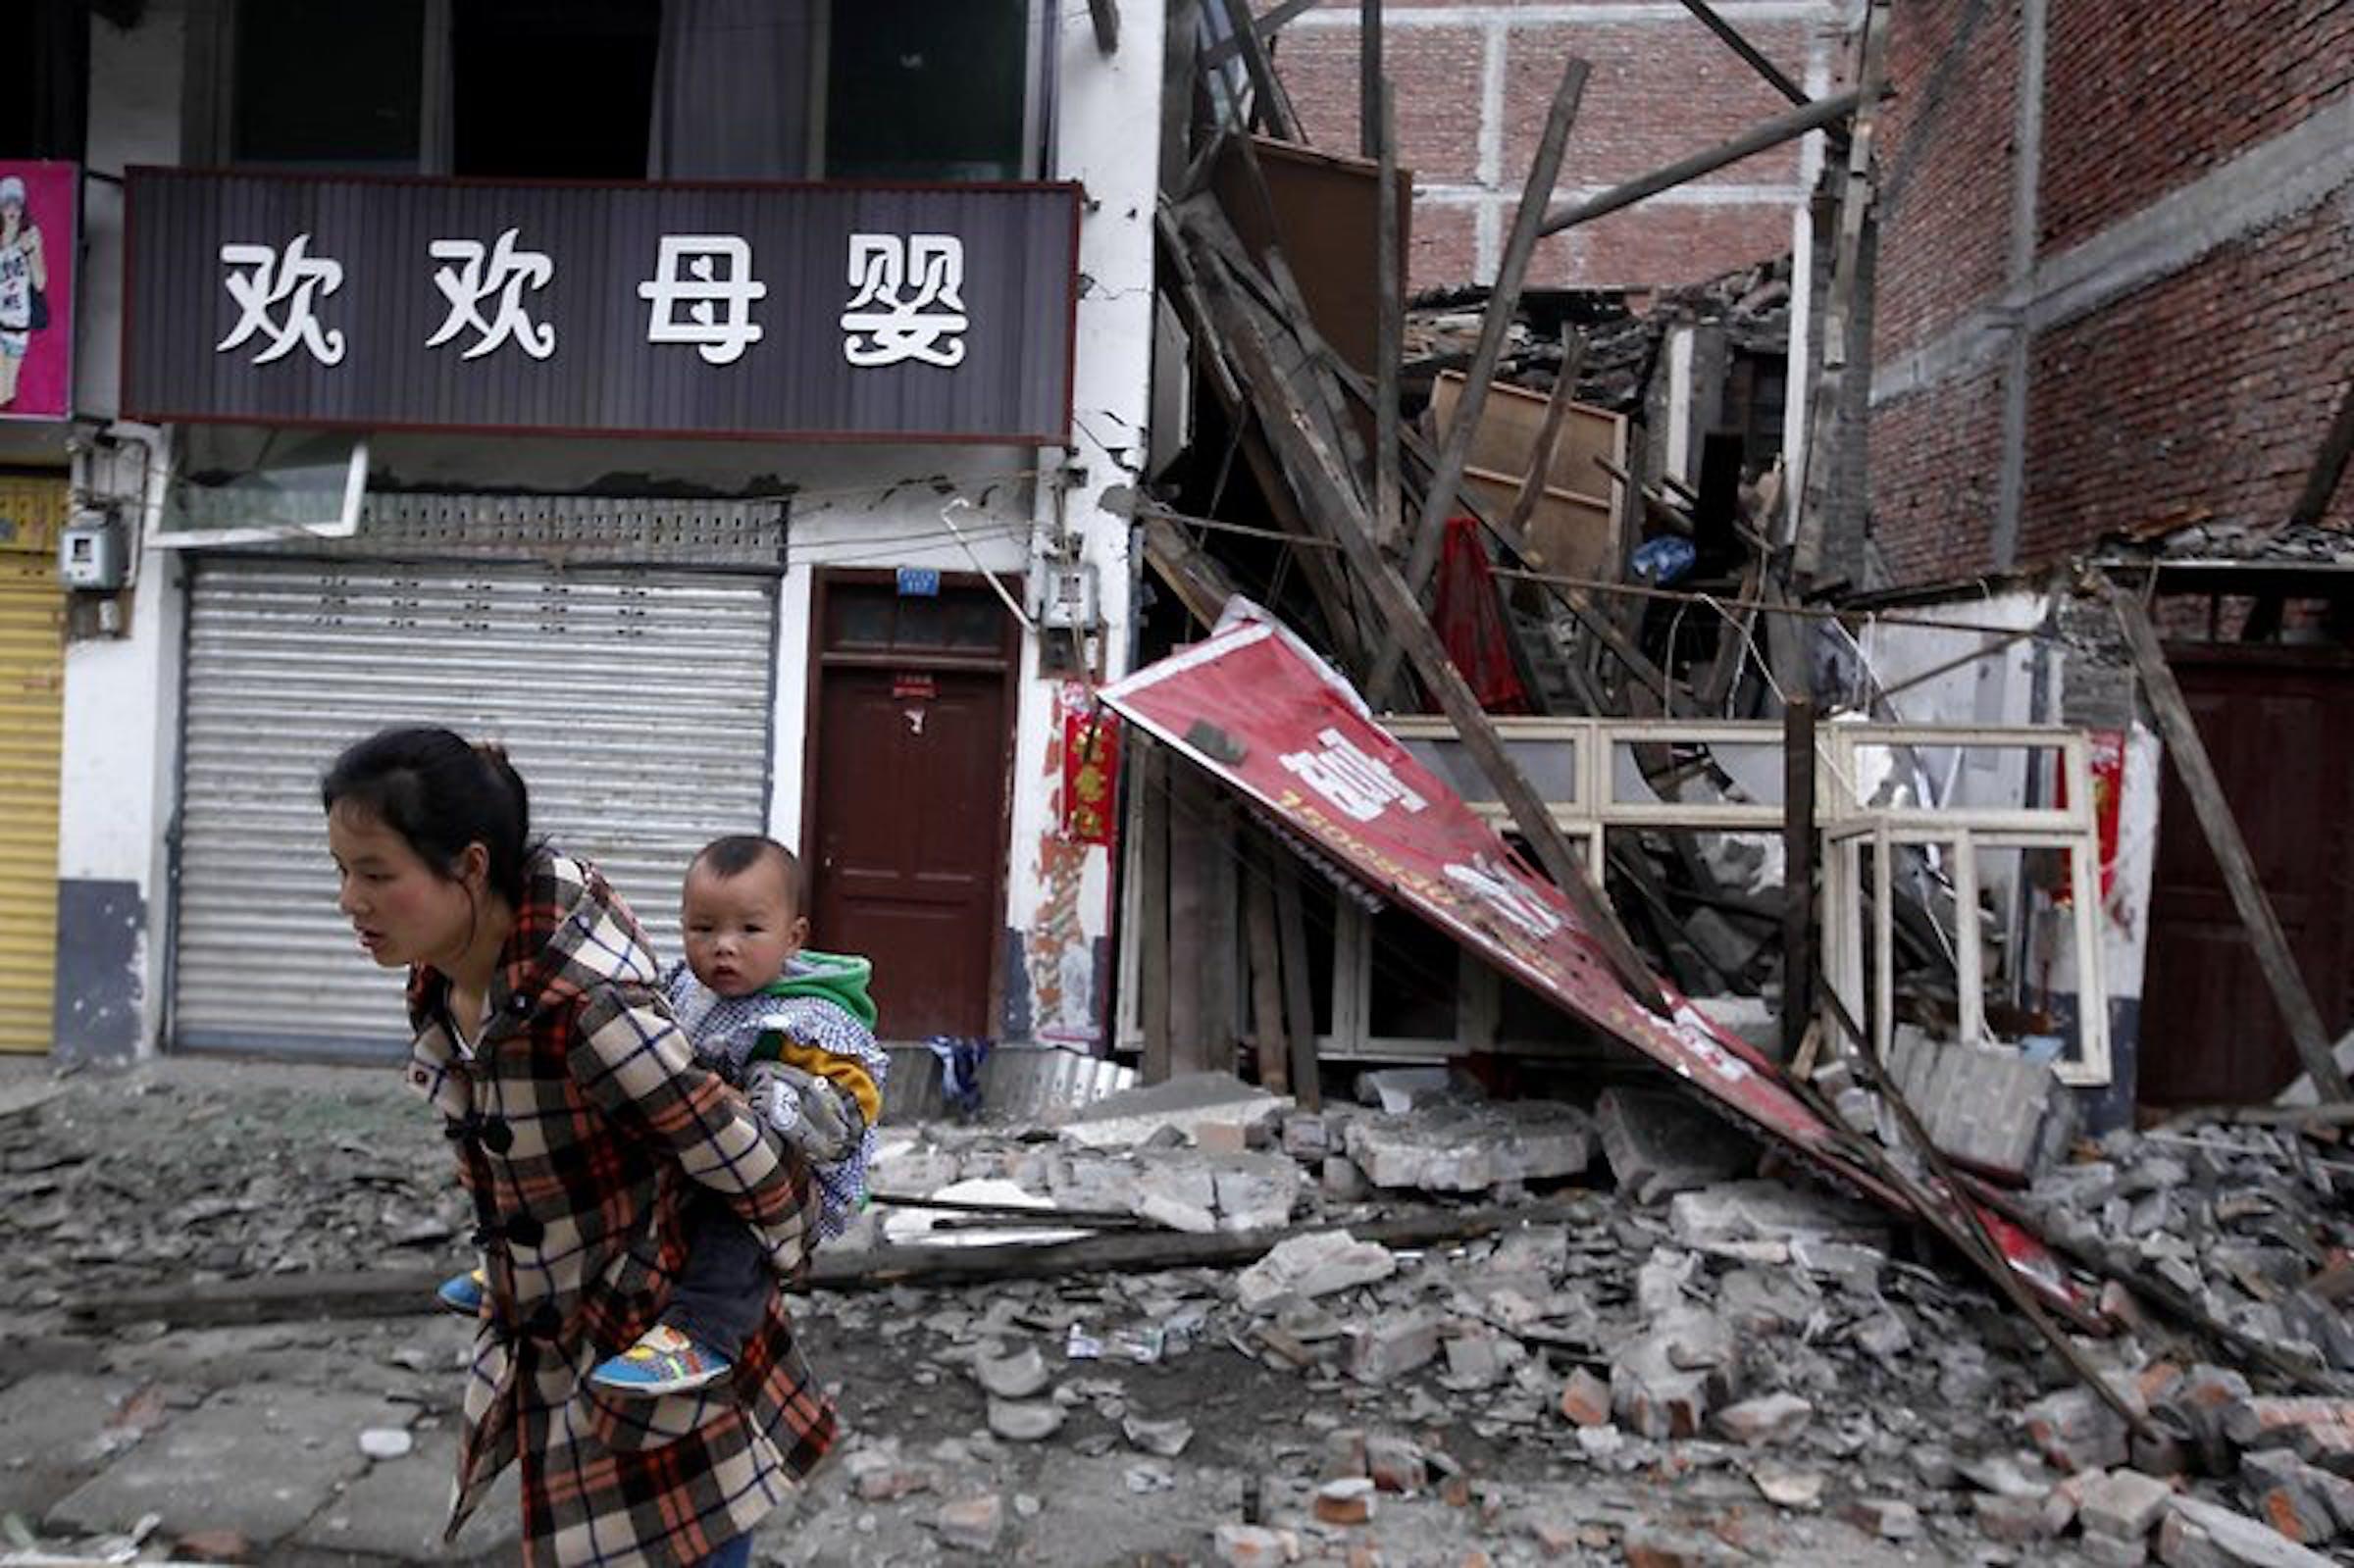 Un'immagine del terremoto di sabato 20 aprile 2013 nella provincia cinese del Sichuan